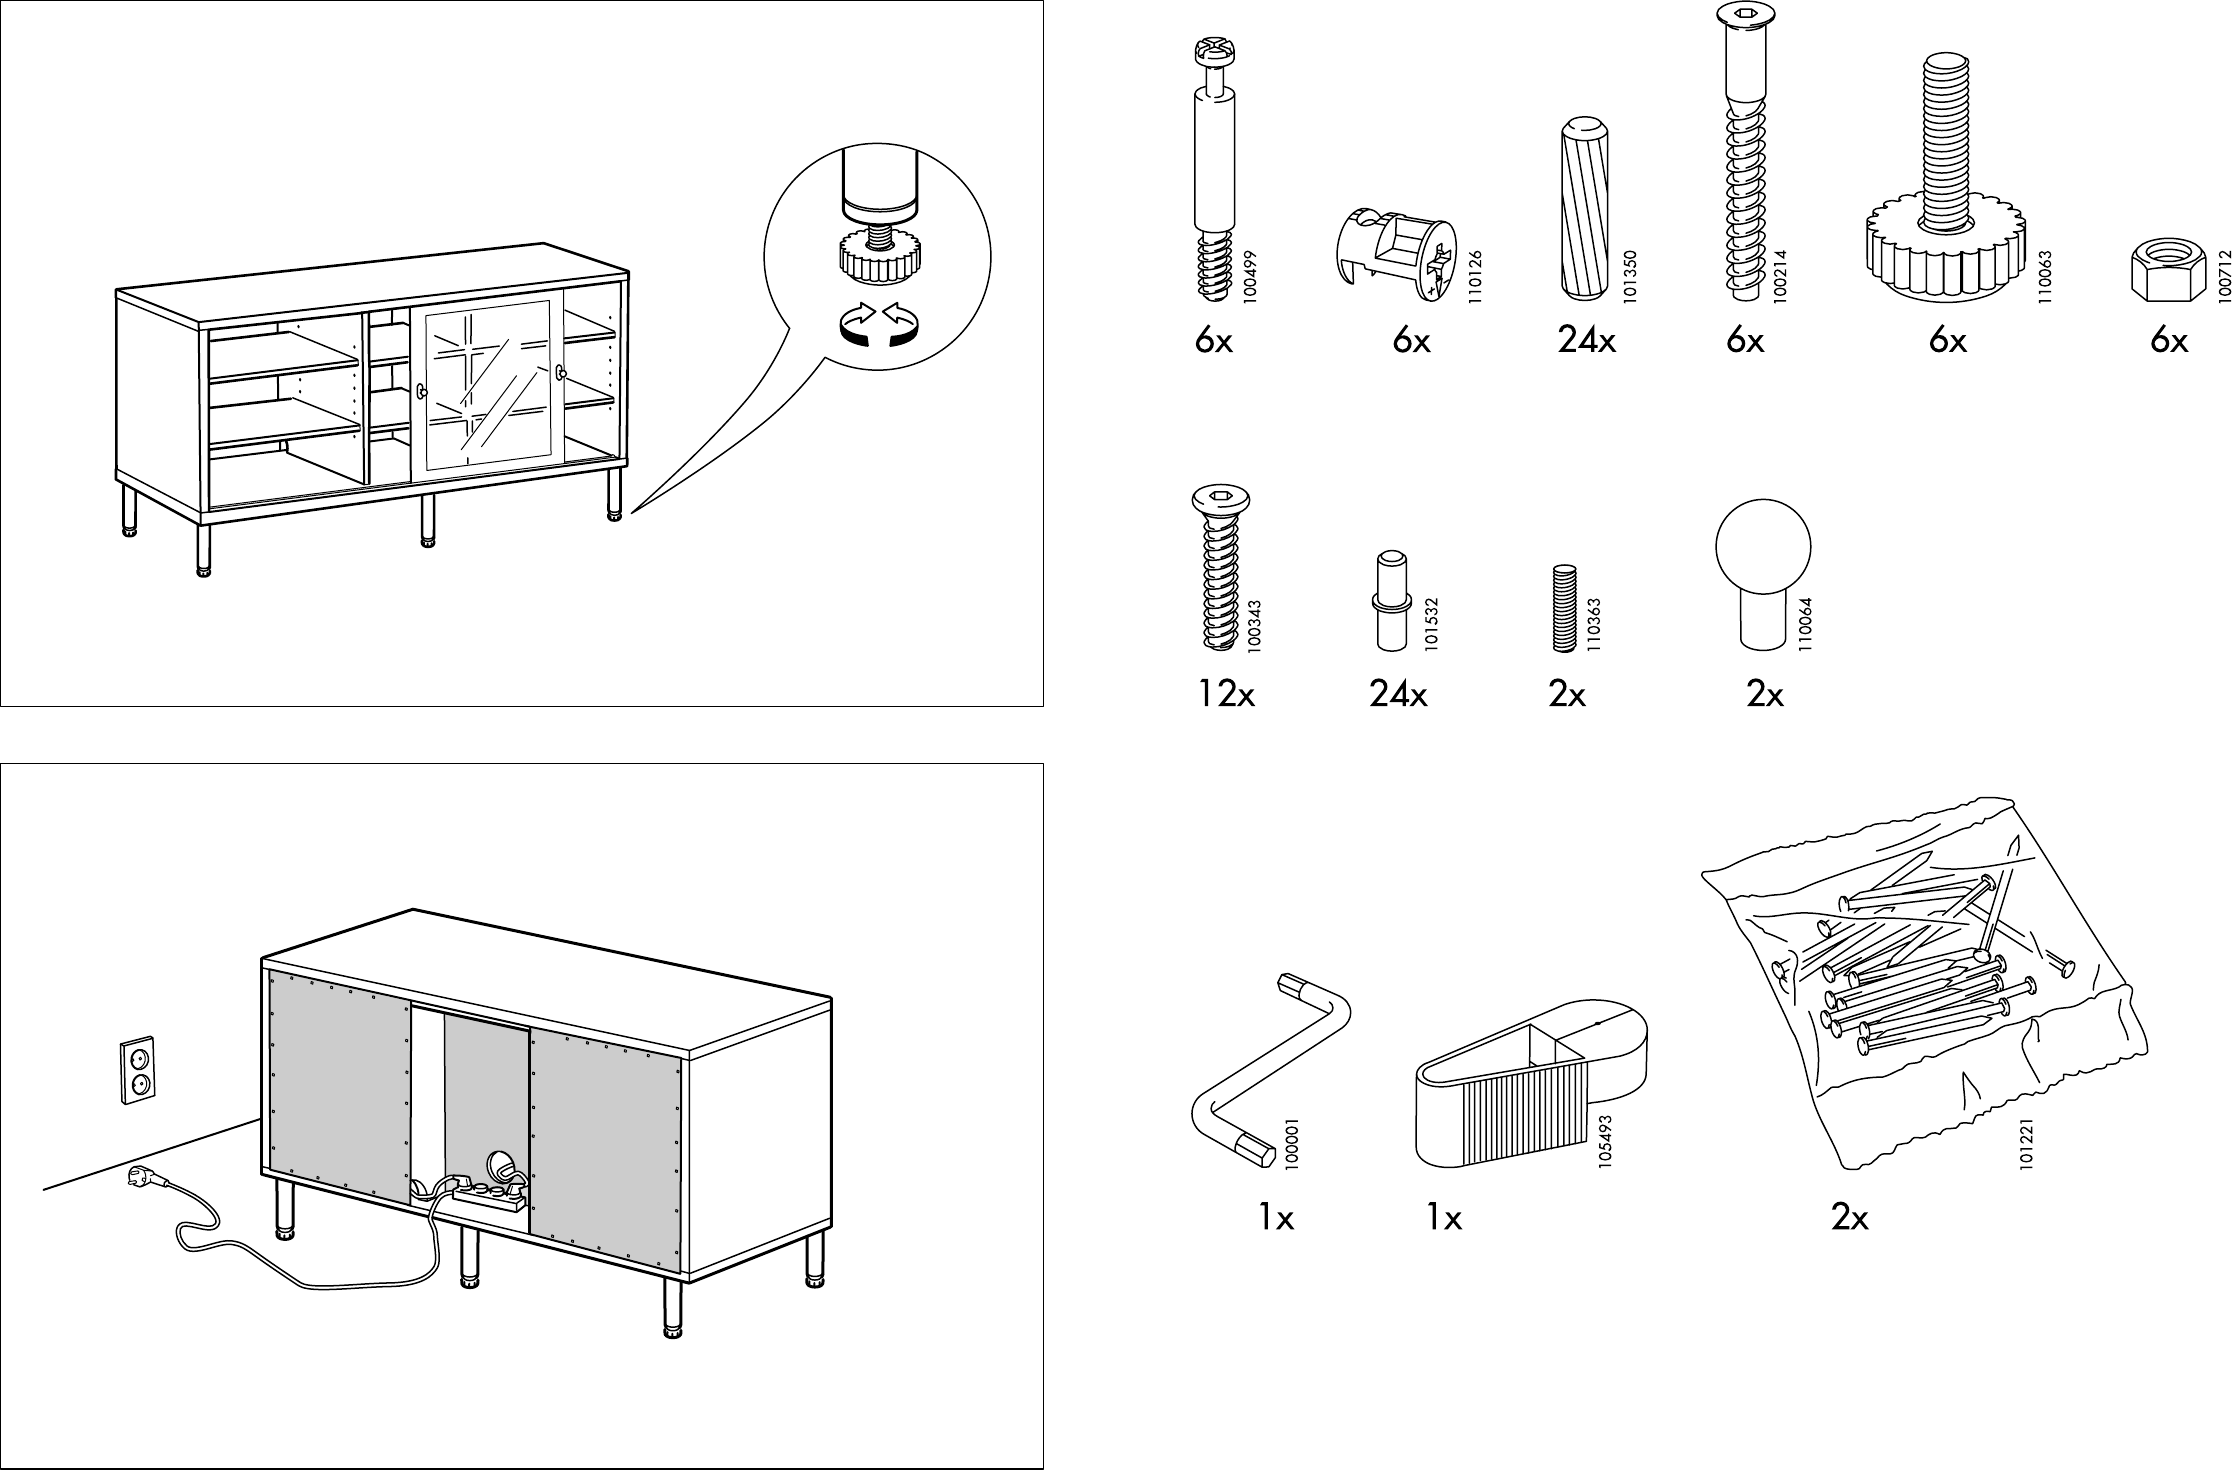 Ikea Tv Meubel.Manual Ikea Magiker Tv Meubel Page 3 Of 8 Dutch